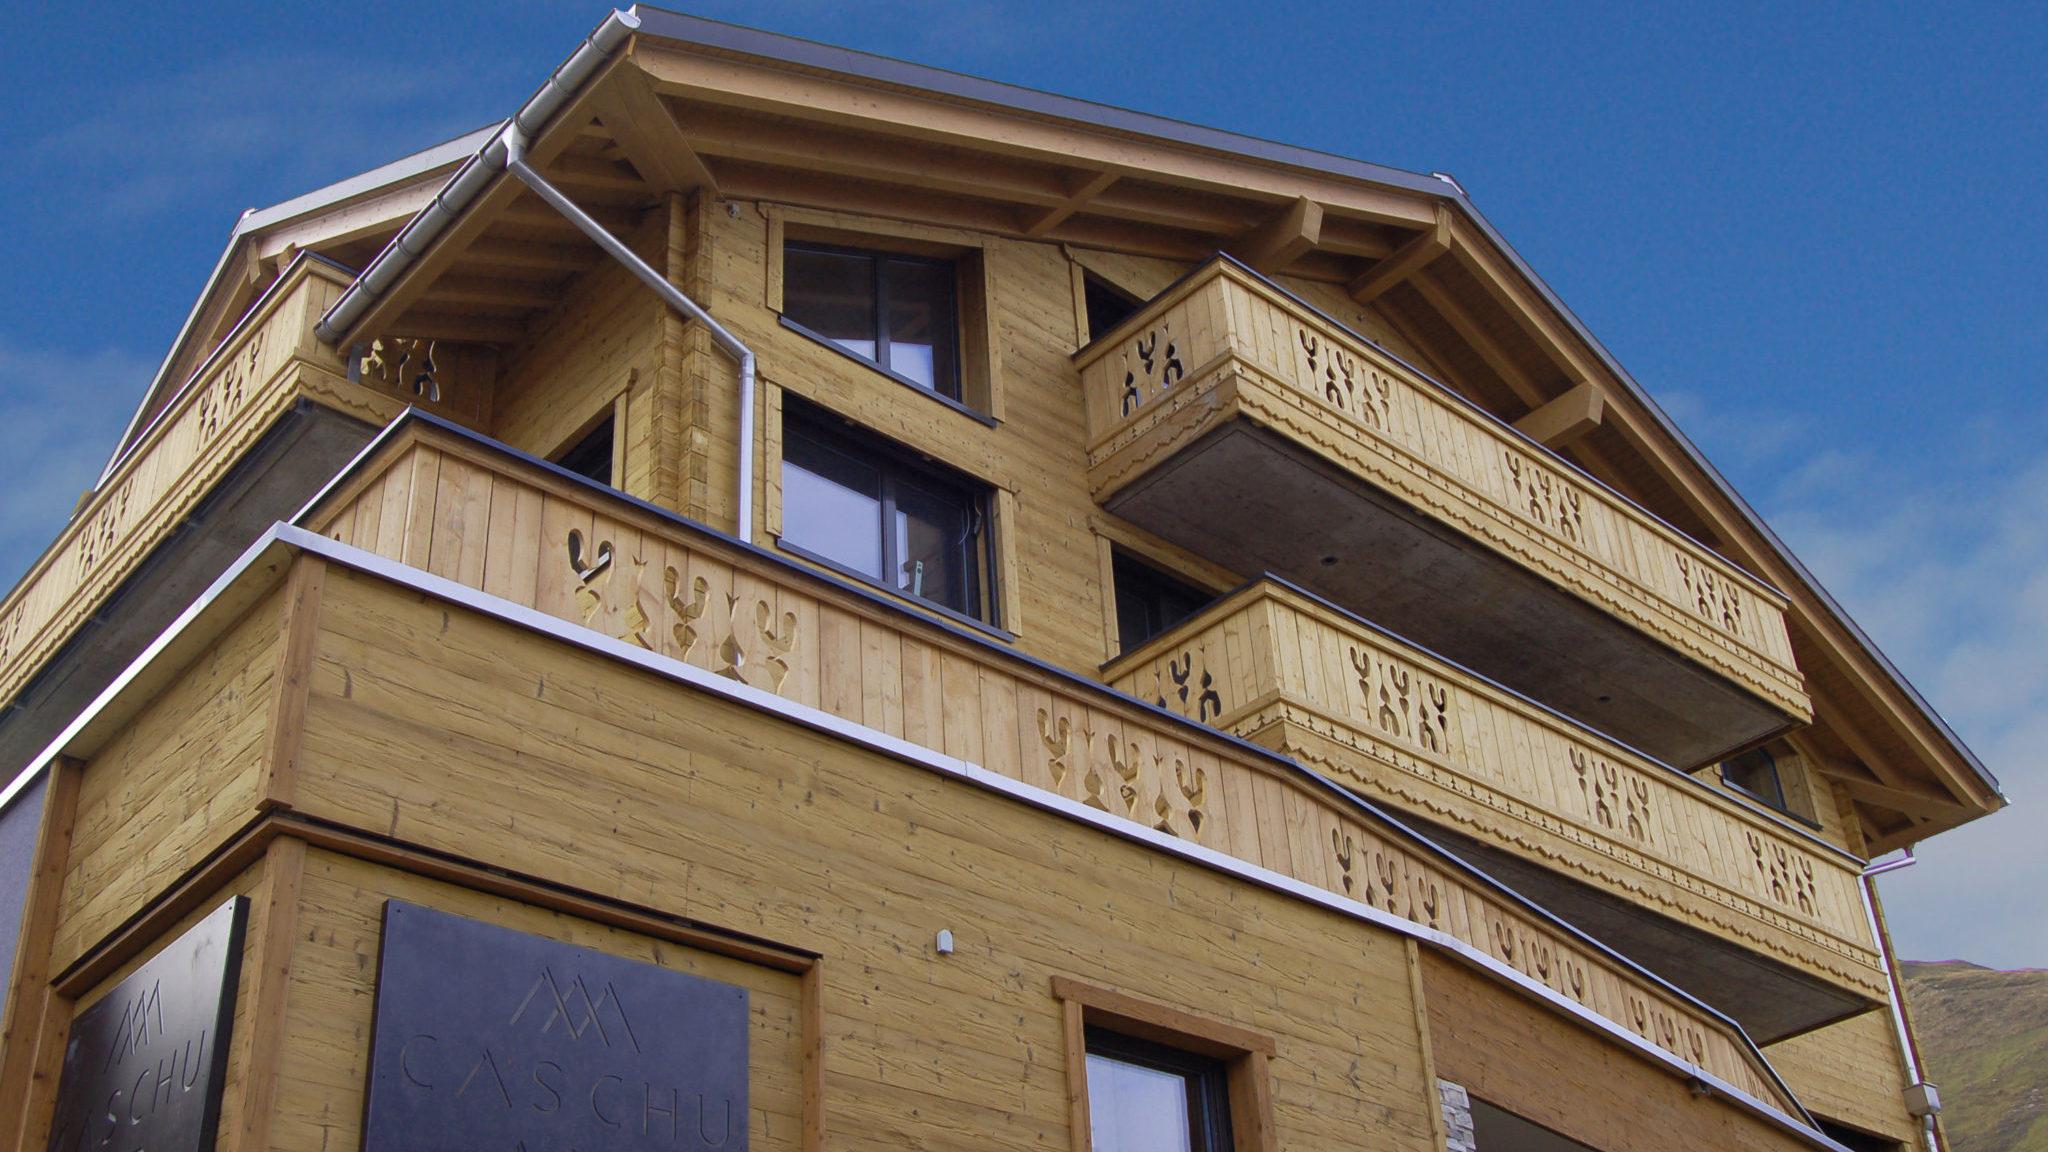 Caschu alp boutique design hotel stoos for Design boutique hotels deutschland